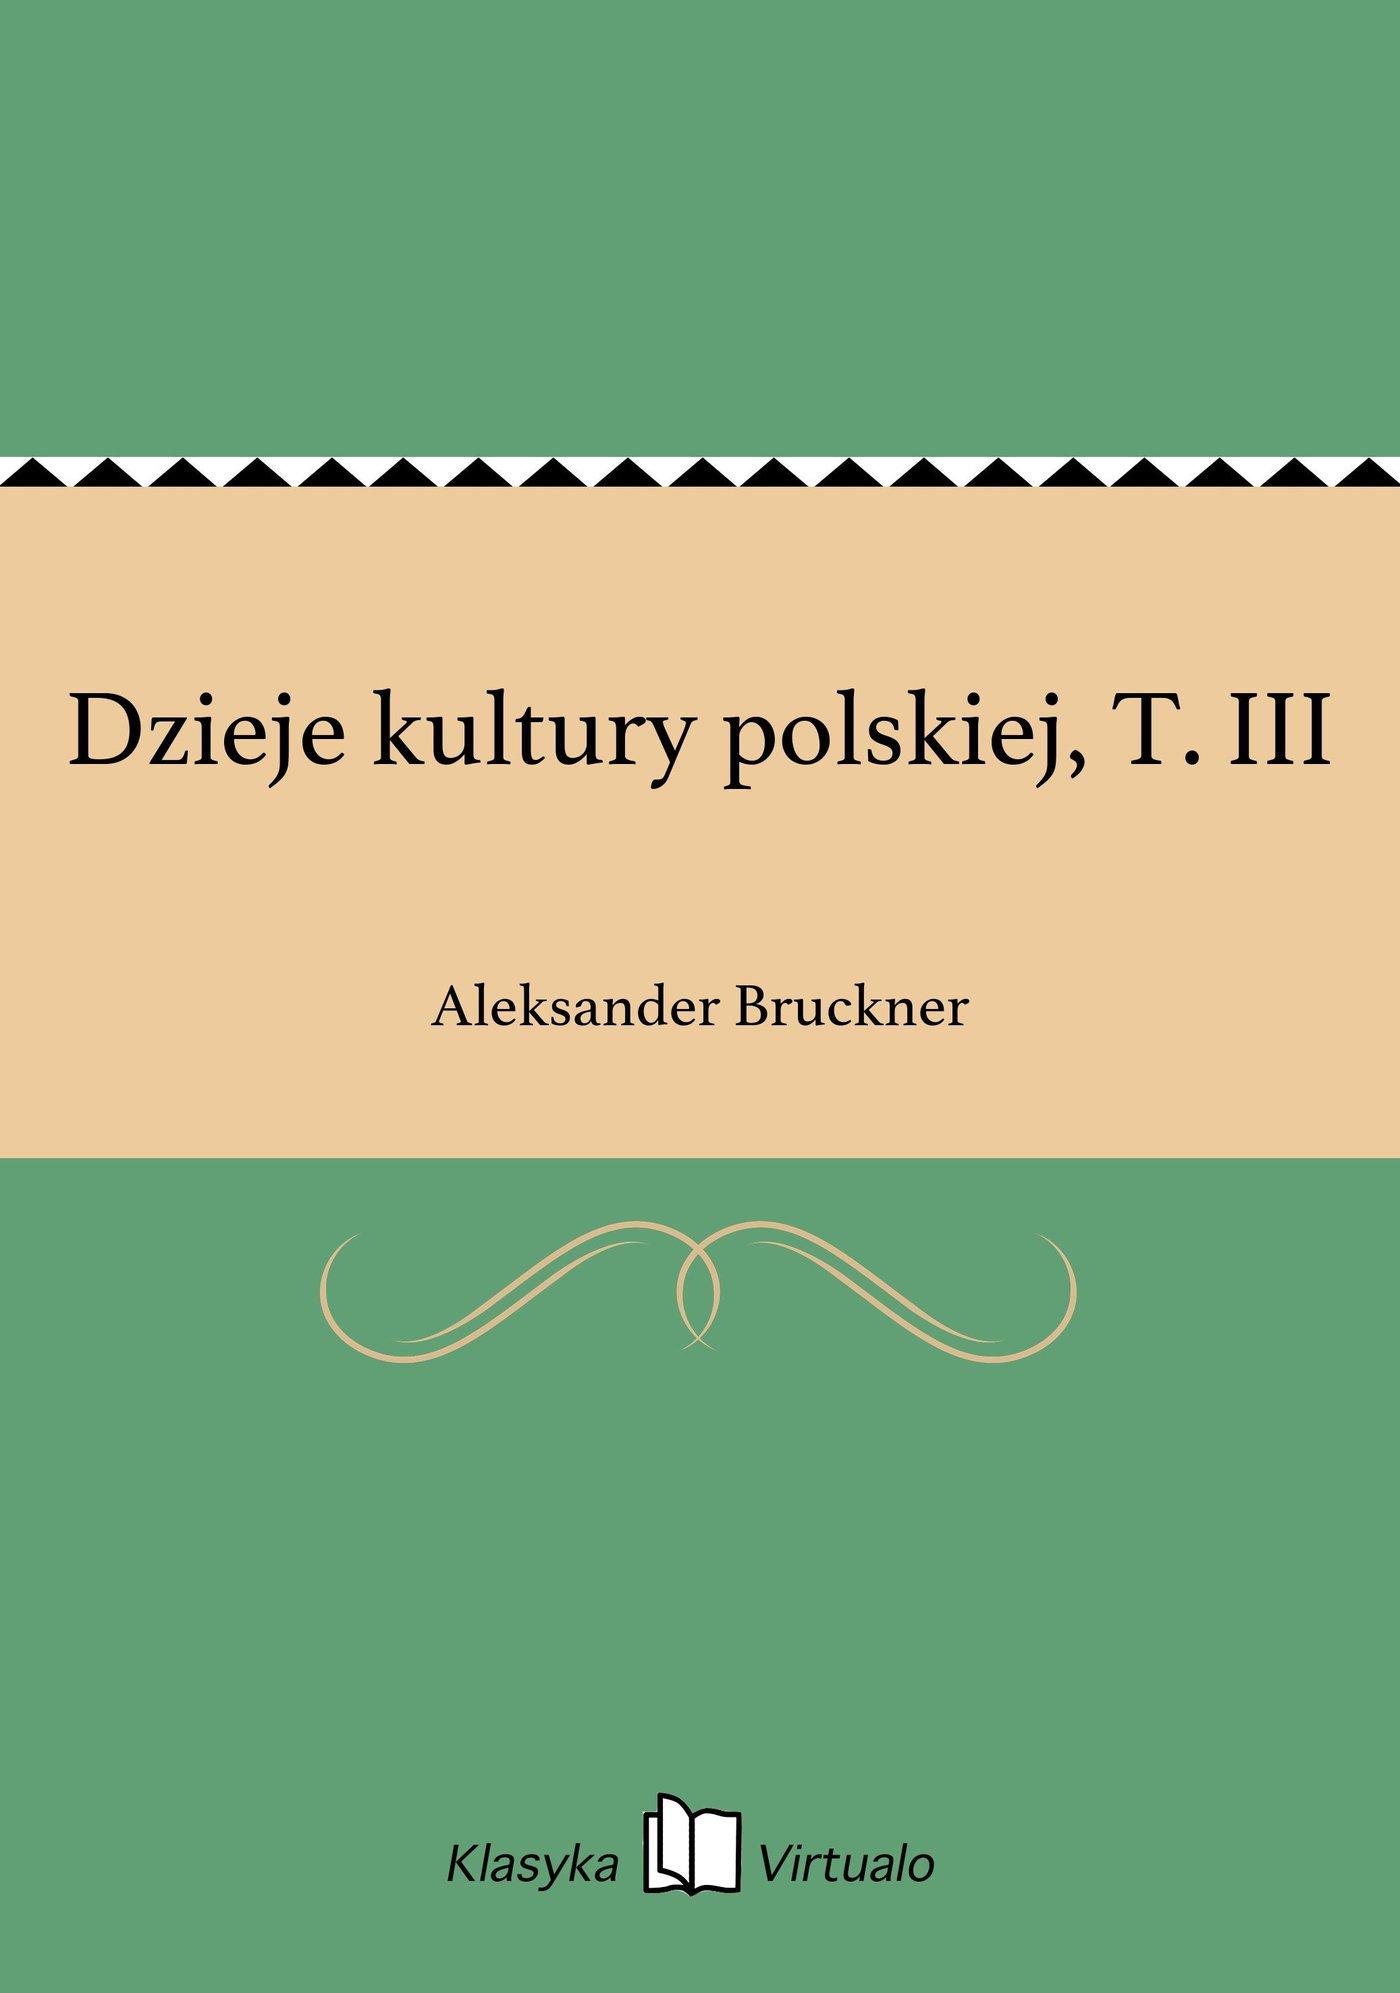 Dzieje kultury polskiej, T. III - Ebook (Książka EPUB) do pobrania w formacie EPUB